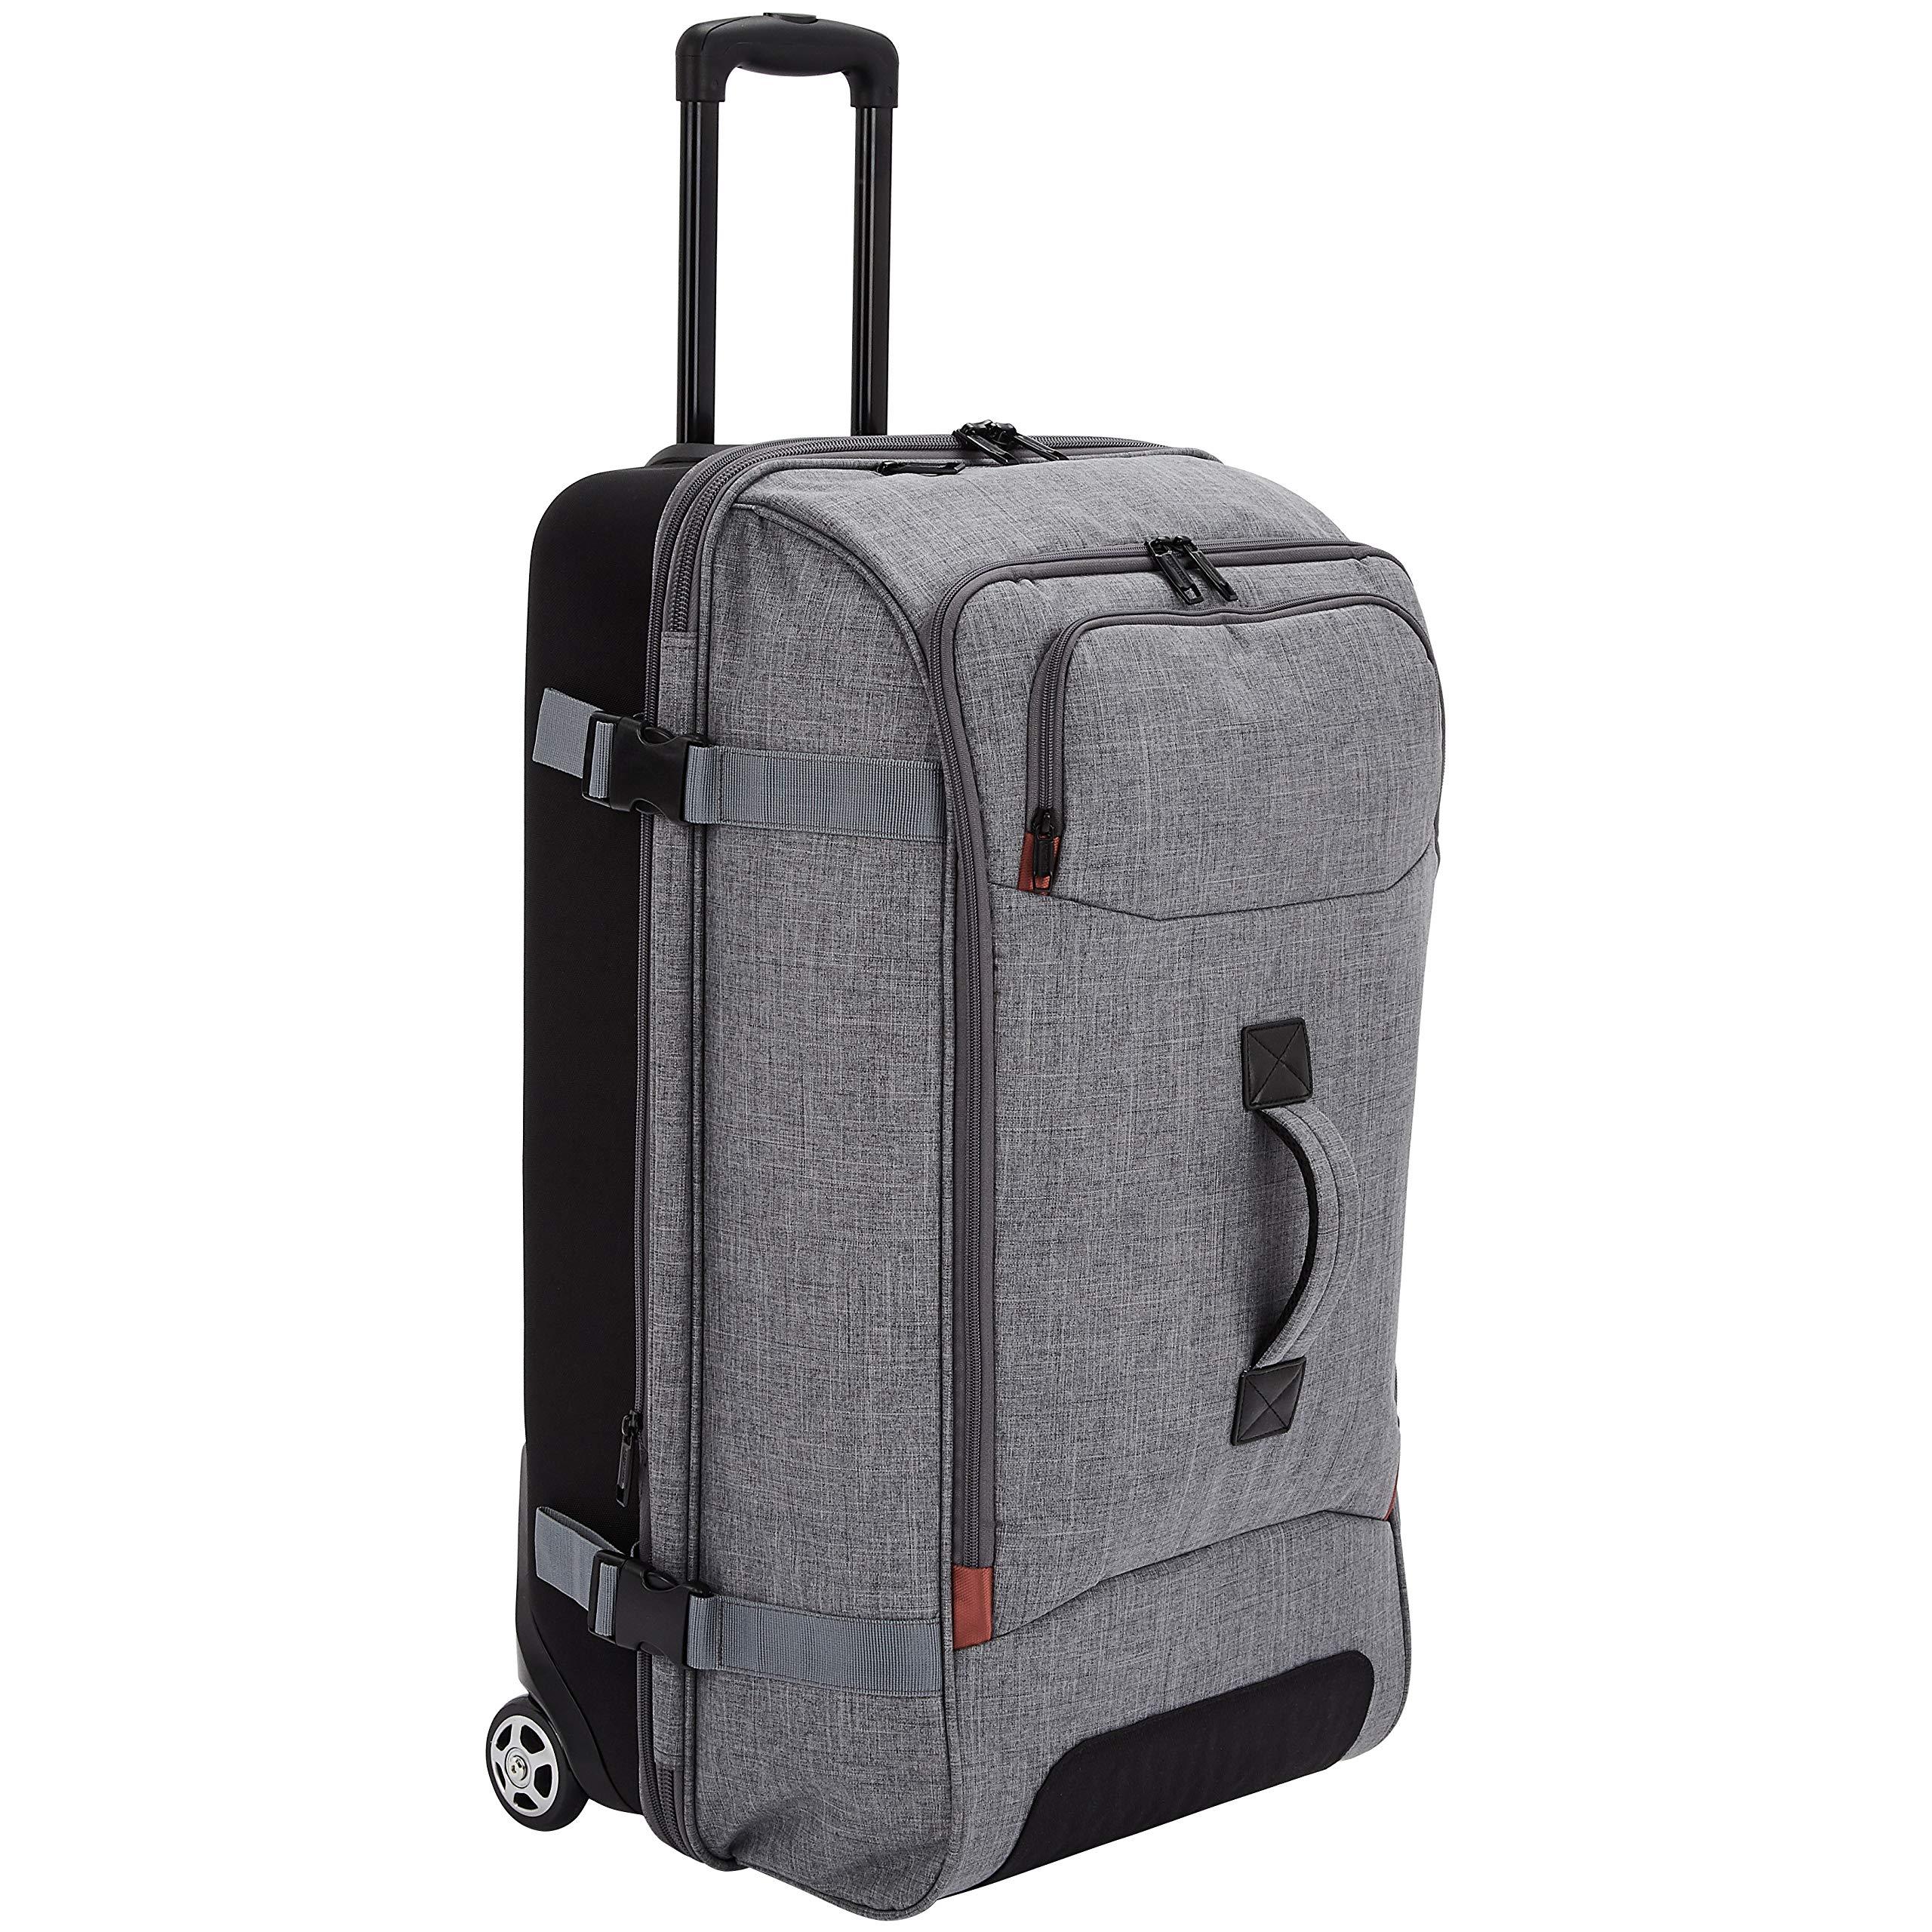 AmazonBasics Rolling Travel Duffel Bag Luggage with Wheels, Large, Grey by AmazonBasics